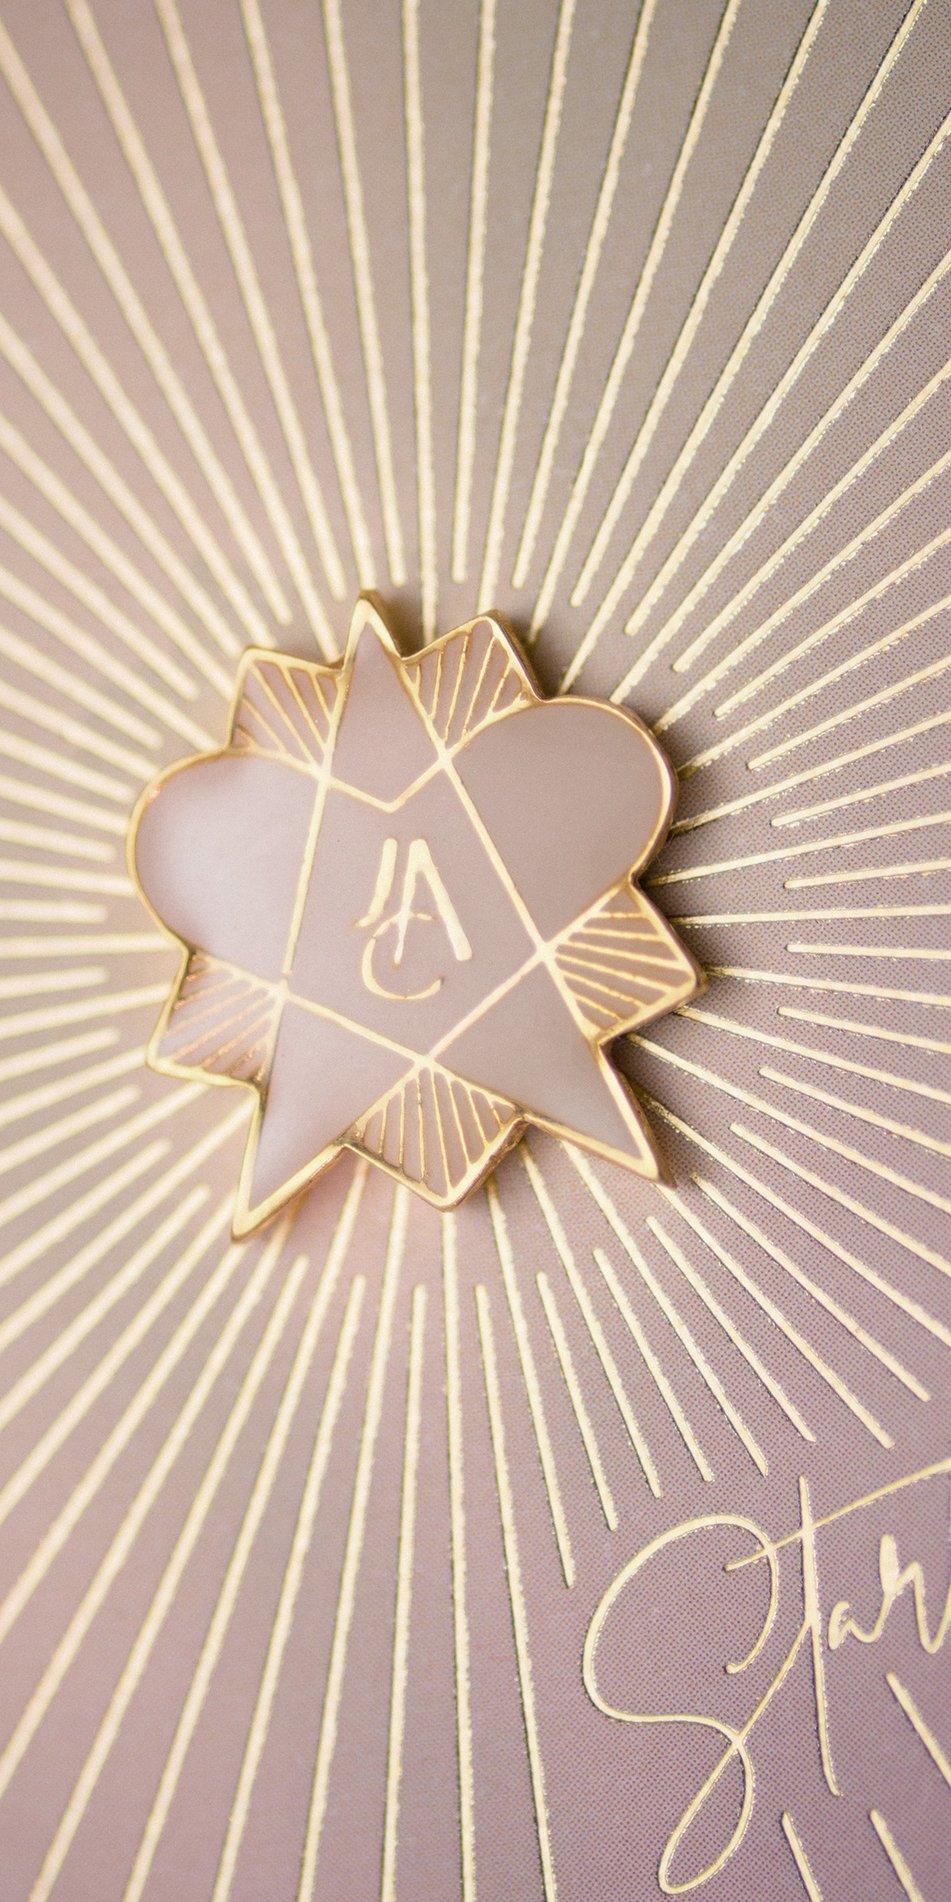 STEARHEART enamel magnetic pin canopus 4